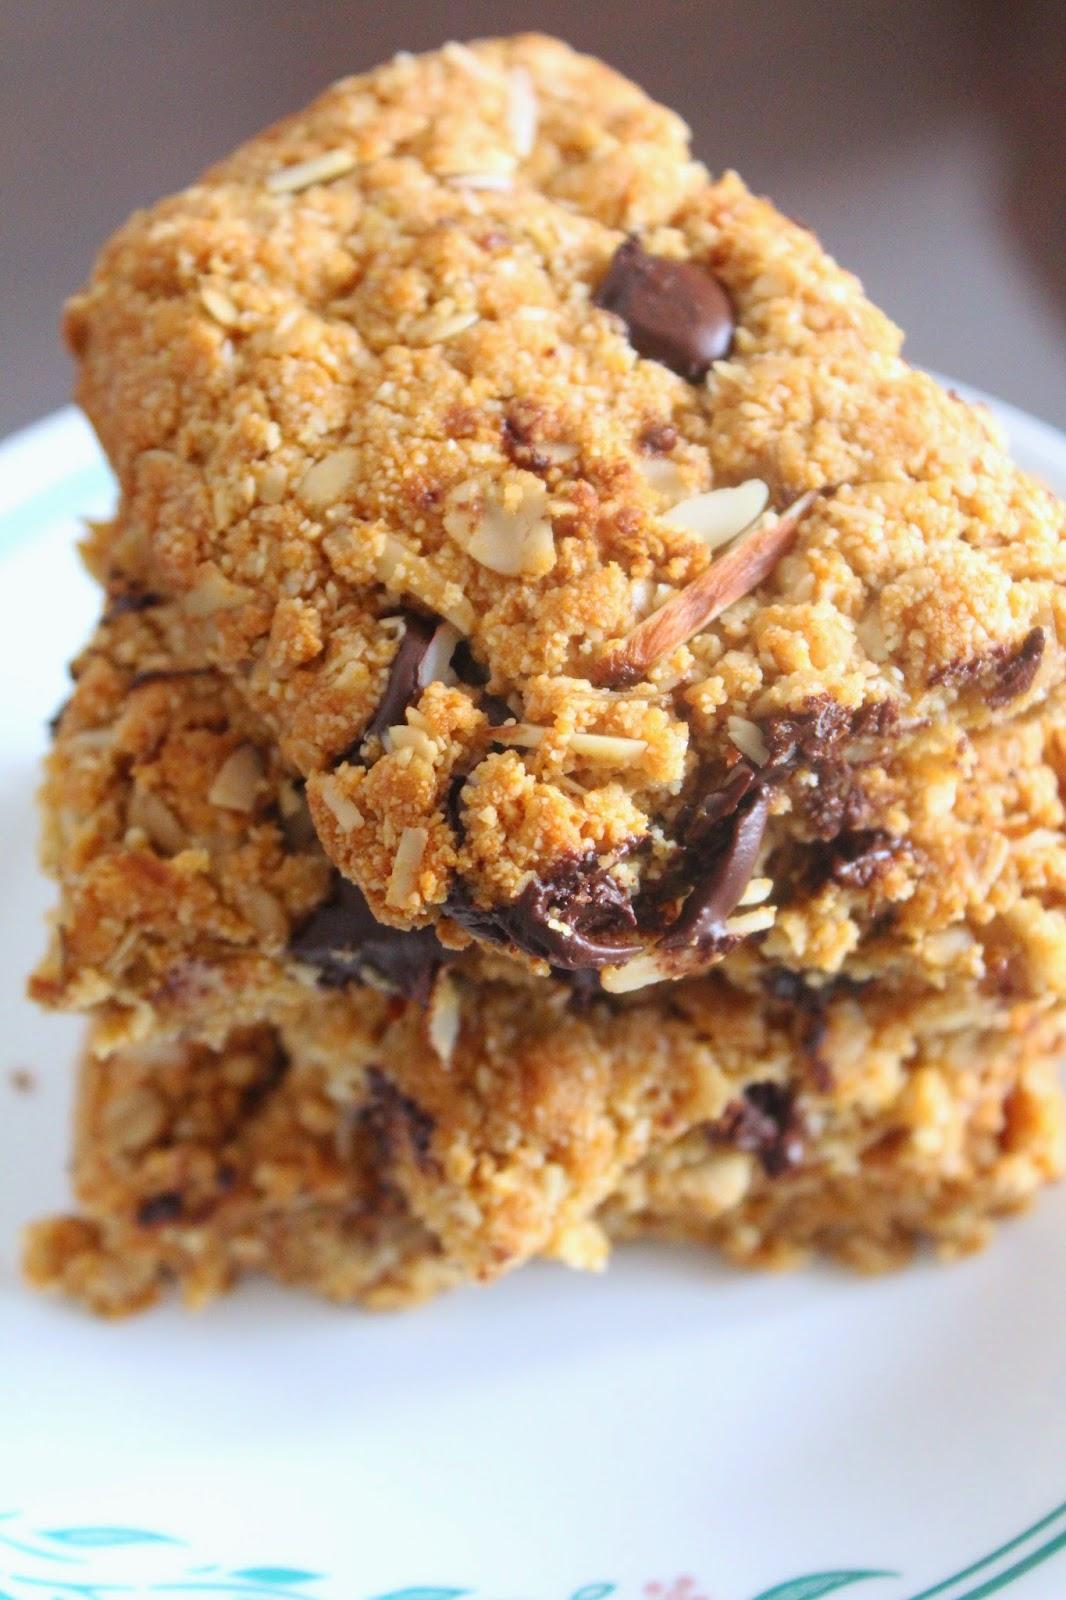 Chocolate Chip Blondie Recipe Uk